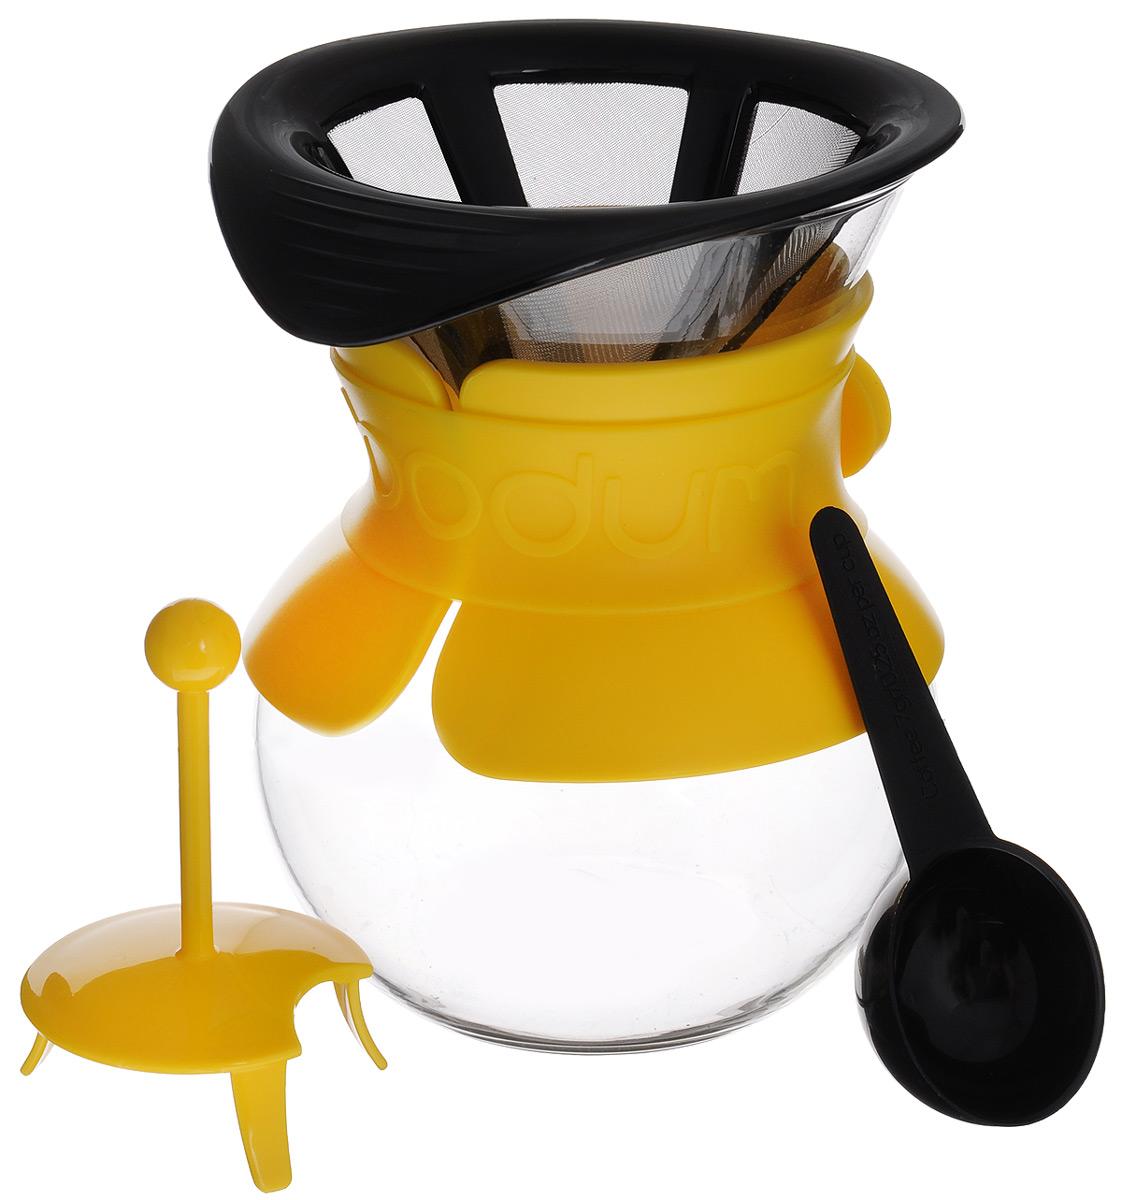 Кофейник Bodum Pour Over, с фильтром, 0,5 лA11592-957-Y15Кофейник с фильтром Bodum Pour Over предназначен для заваривания кофе, он гарантирует великолепный, богатый вкус и стойкий аромат при одновременном сохранении натуральных эфирных масел молотого кофе. Кофейник изготовлен из боросиликатного термостойкого стекла, снабжен специальной пластиковой вставкой с силиконовым ремешком, чтобы не обжечь руки. Фильтр выполнен из пластика с сеткой из коррозионностойкой стали. Кофейник очень прост в использовании. Заполните воронку молотым кофе, предназначенным для приготовления капельным способом. Медленно вливайте горячую воду, дайте воде просочиться сквозь кофе, готовый кофе будет капать в емкость. В комплекте предусмотрена специальная мерная ложечка на 7 грамм кофе. Диаметр емкости (по верхнему краю): 10 см. Высота емкости: 14 см. Размер фильтра: 11,5 см х 14 см х 6 см.